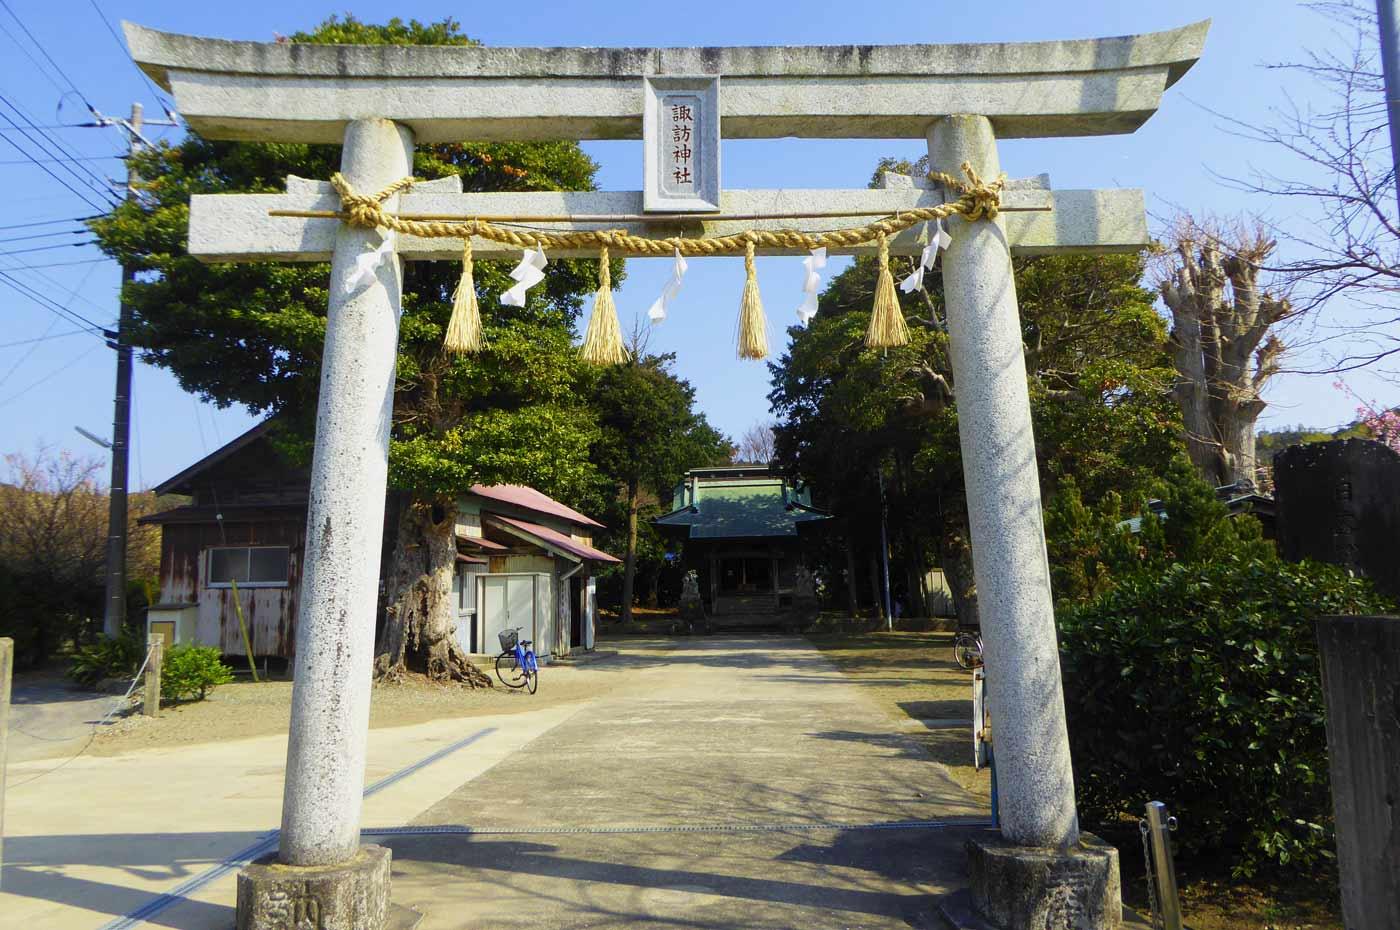 諏訪神社(国分)の鳥居